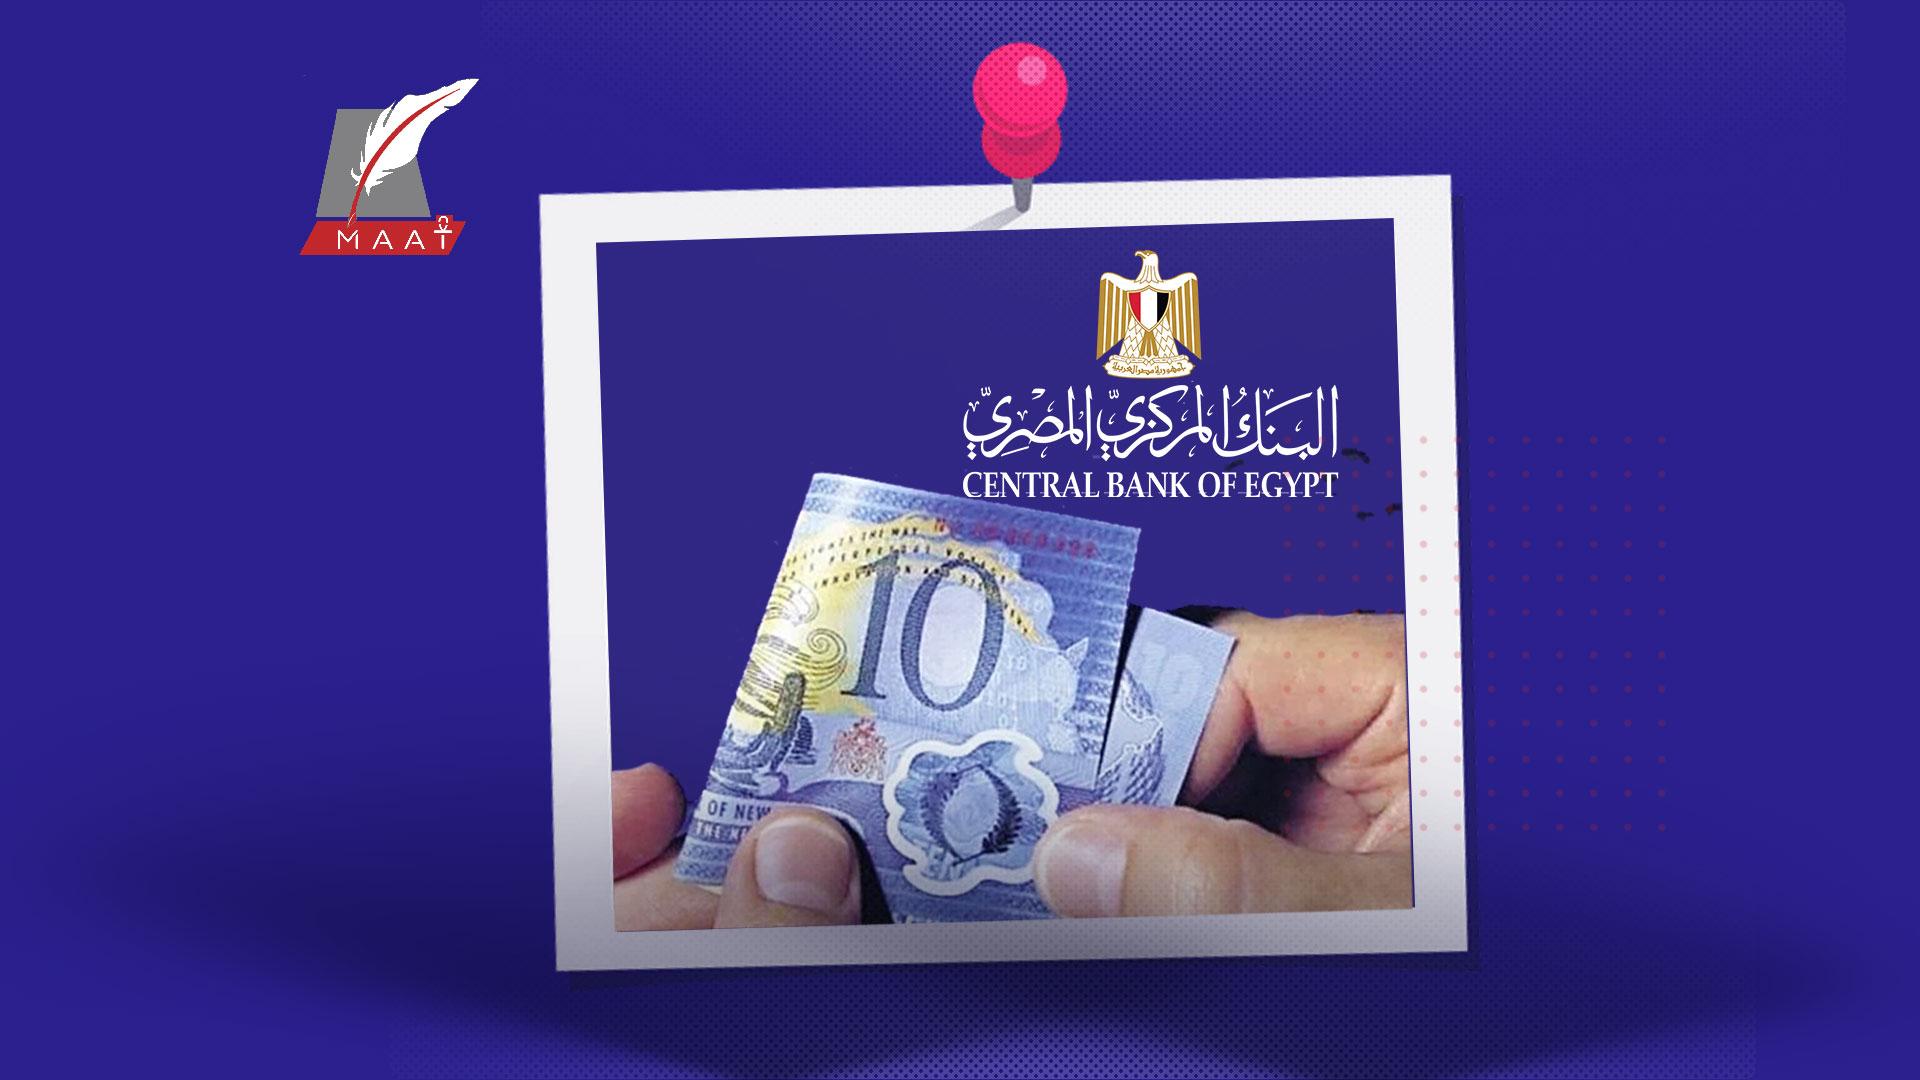 كيف تستعد البنوك لاستقبال وطرح الـ10جنيهات والـ20 جنيهًا البلاستيك؟